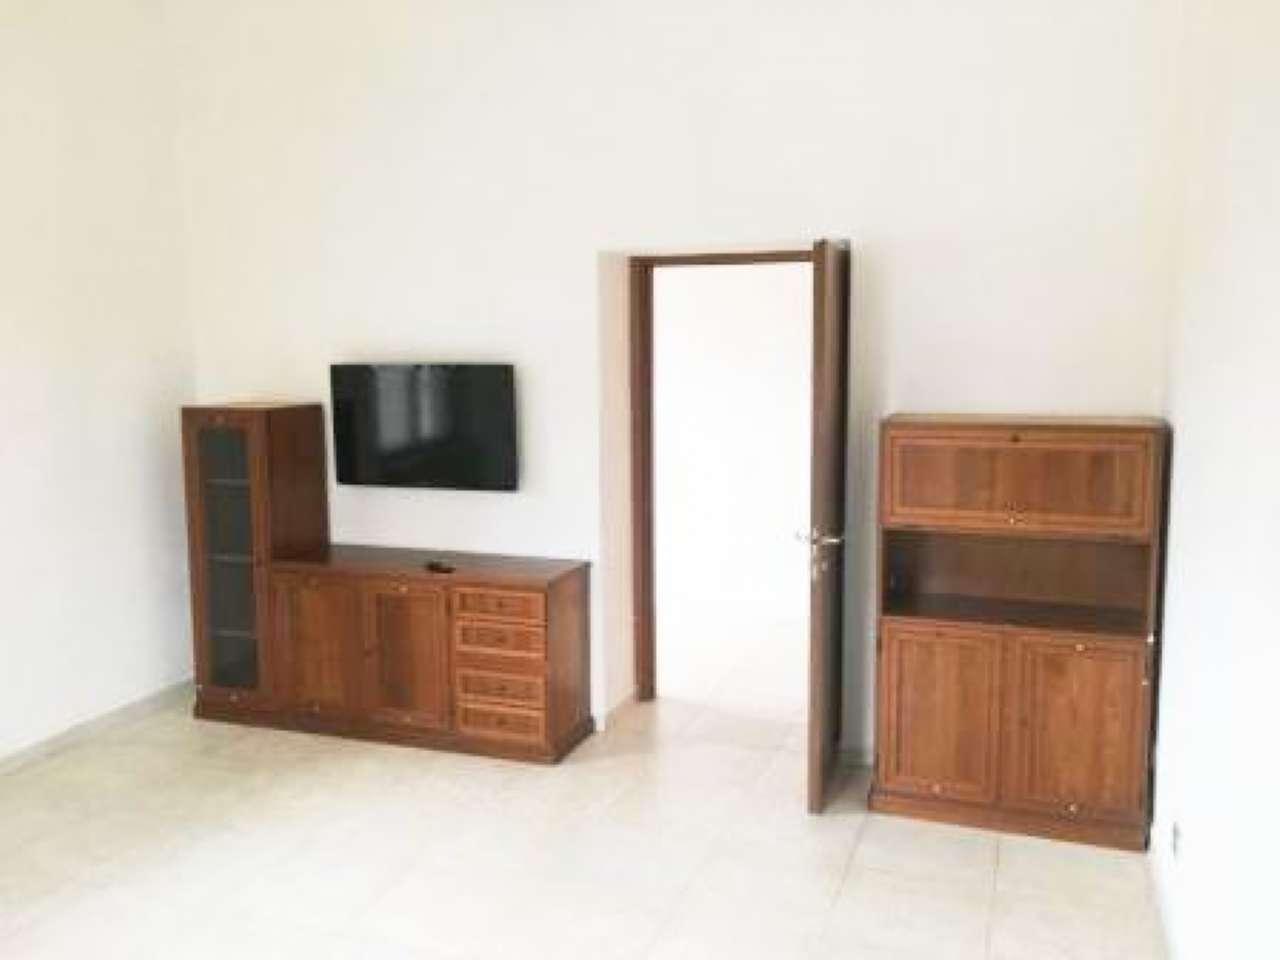 Appartamento in vendita a Gerenzano, 3 locali, prezzo € 115.000 | CambioCasa.it